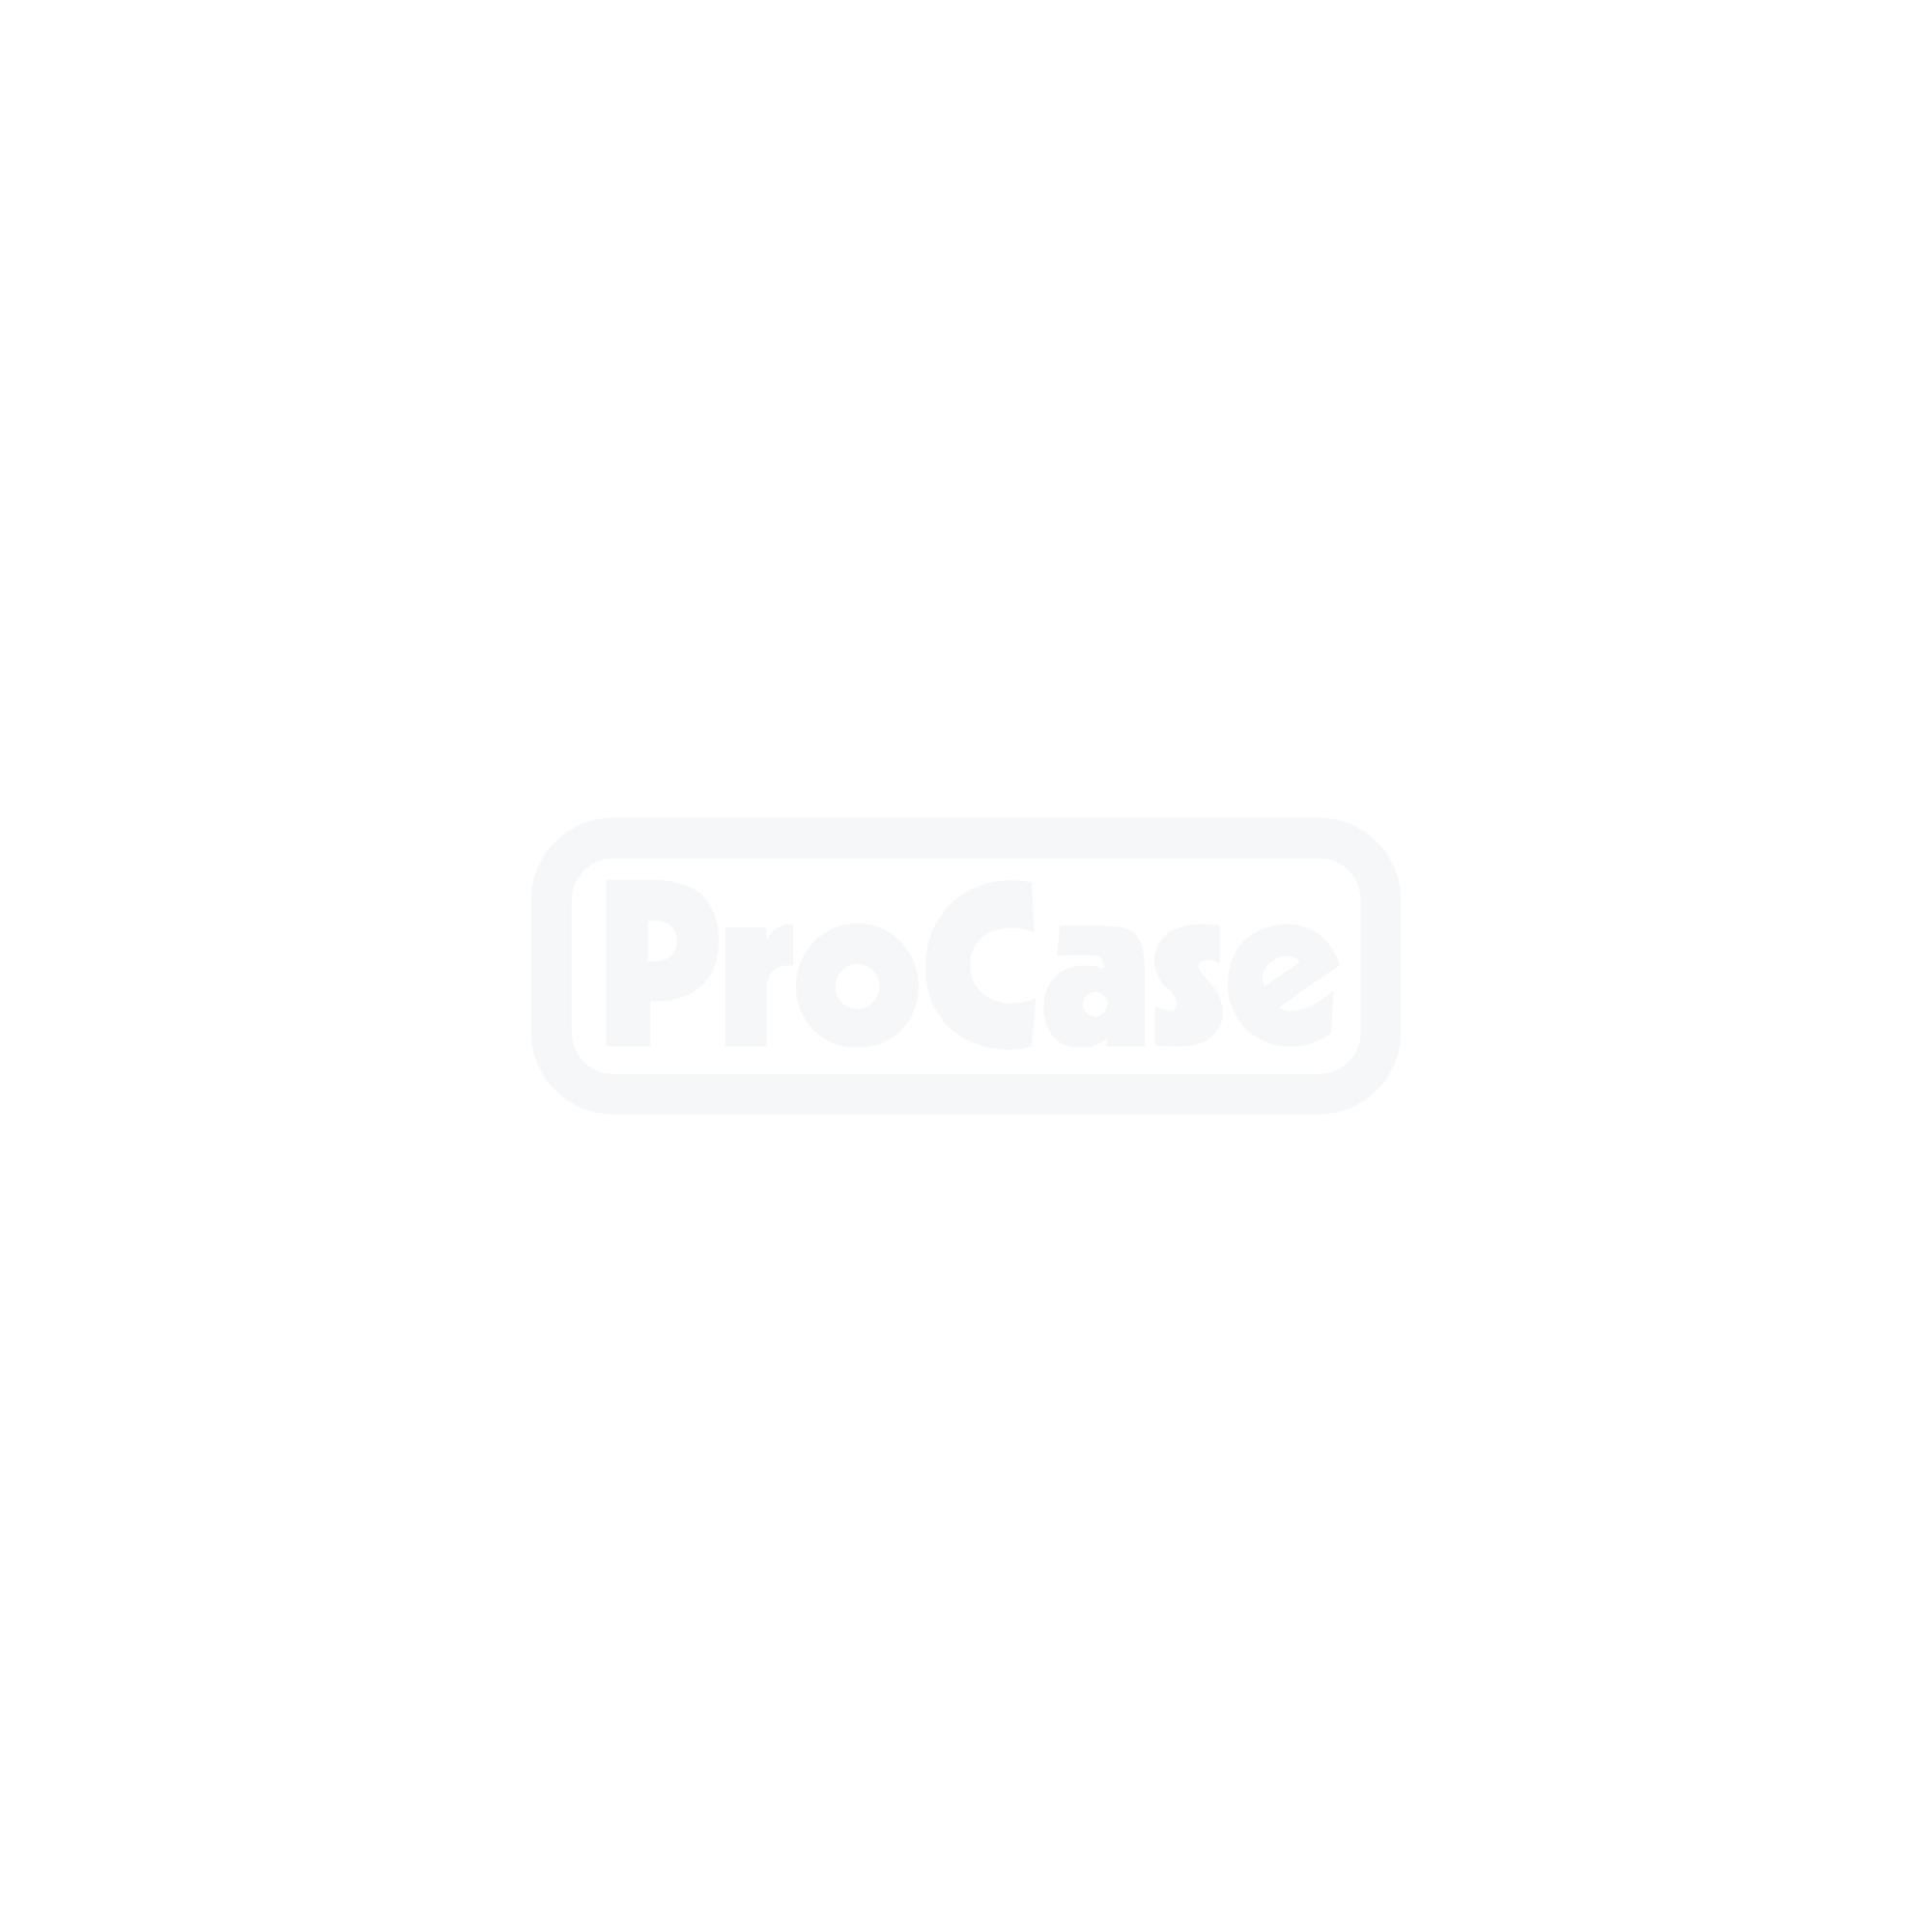 Flightcase für LG 47LD450 mit Wandhalterung 2